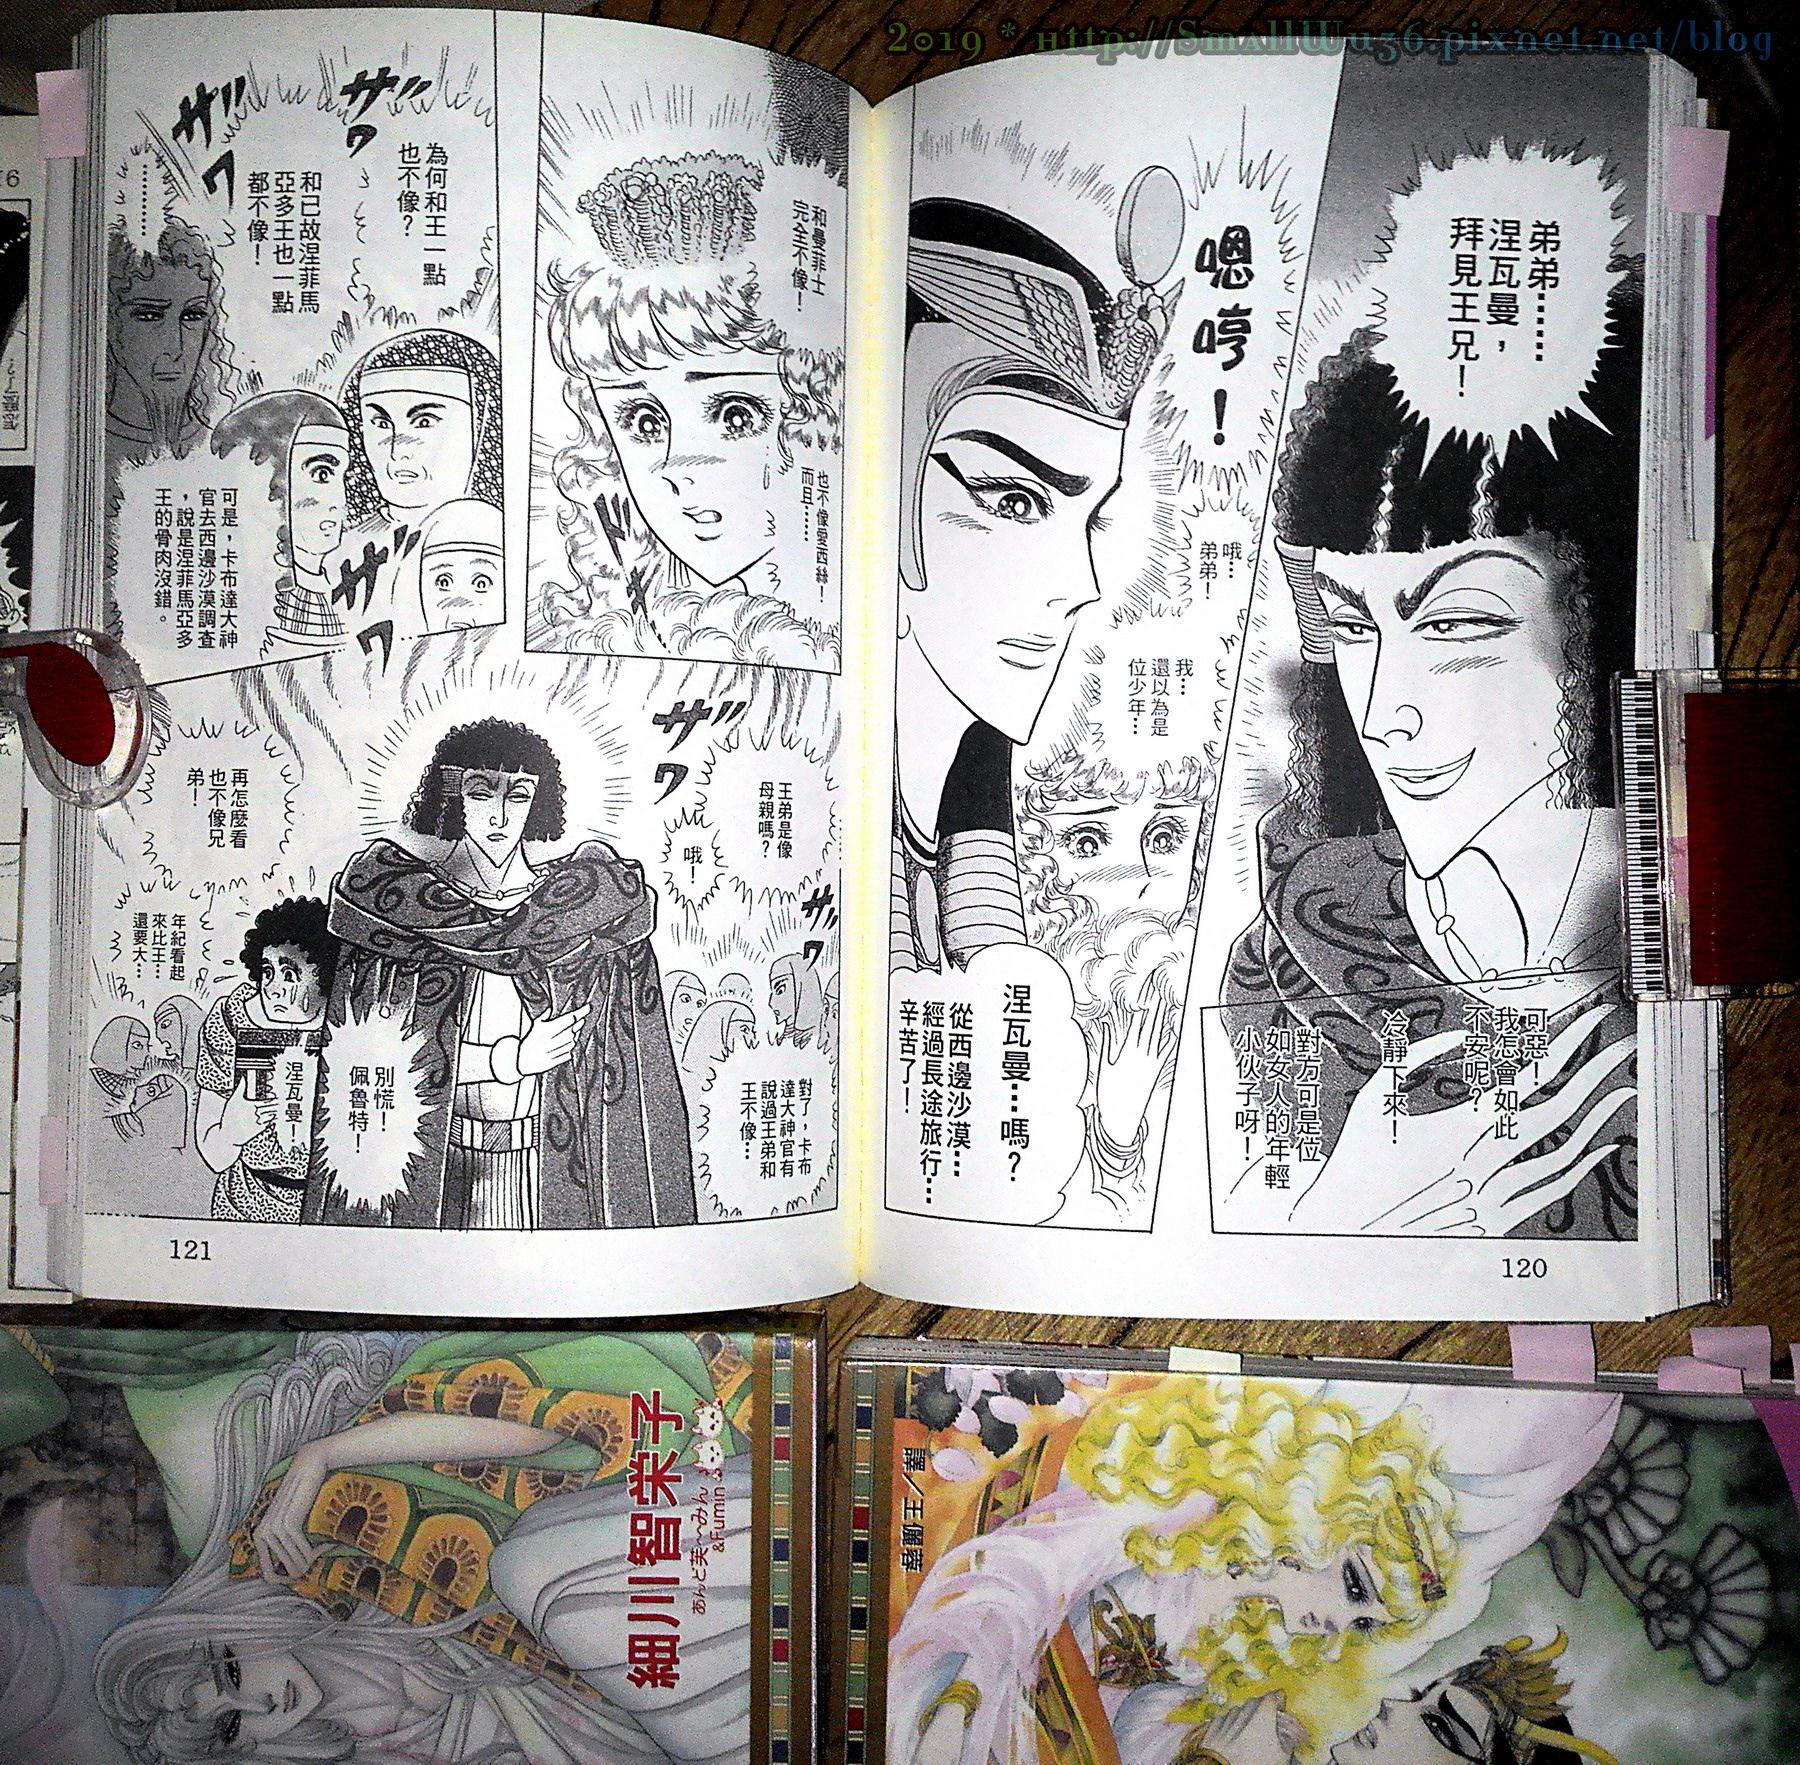 細川智榮子-王家的紋章(尼羅河女兒) 01-48 (長鴻)  vol_47.jpg